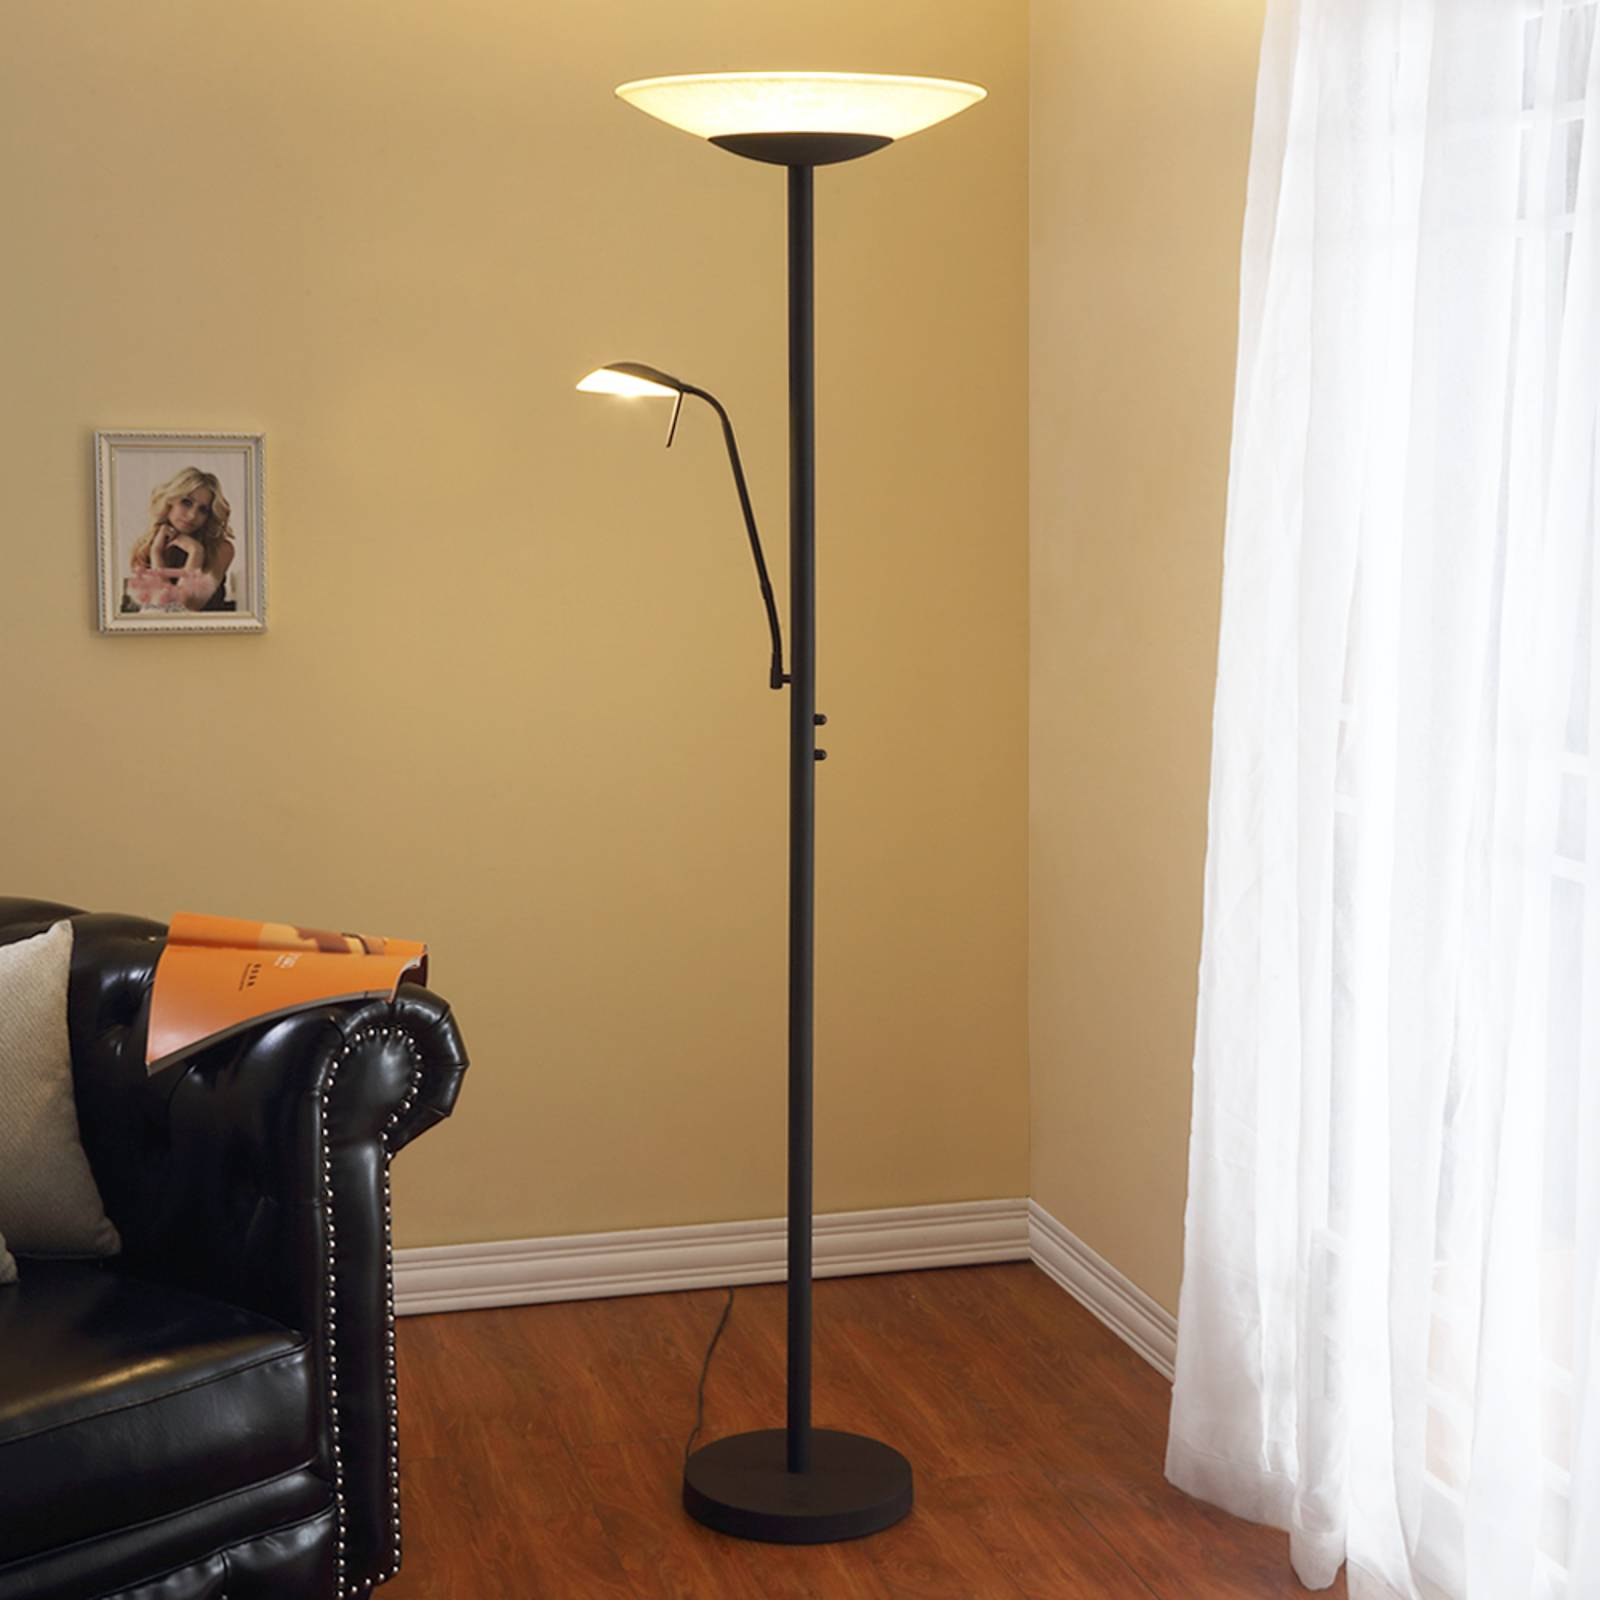 Lampadaire indirect LED Ragna liseuse, noir ancien